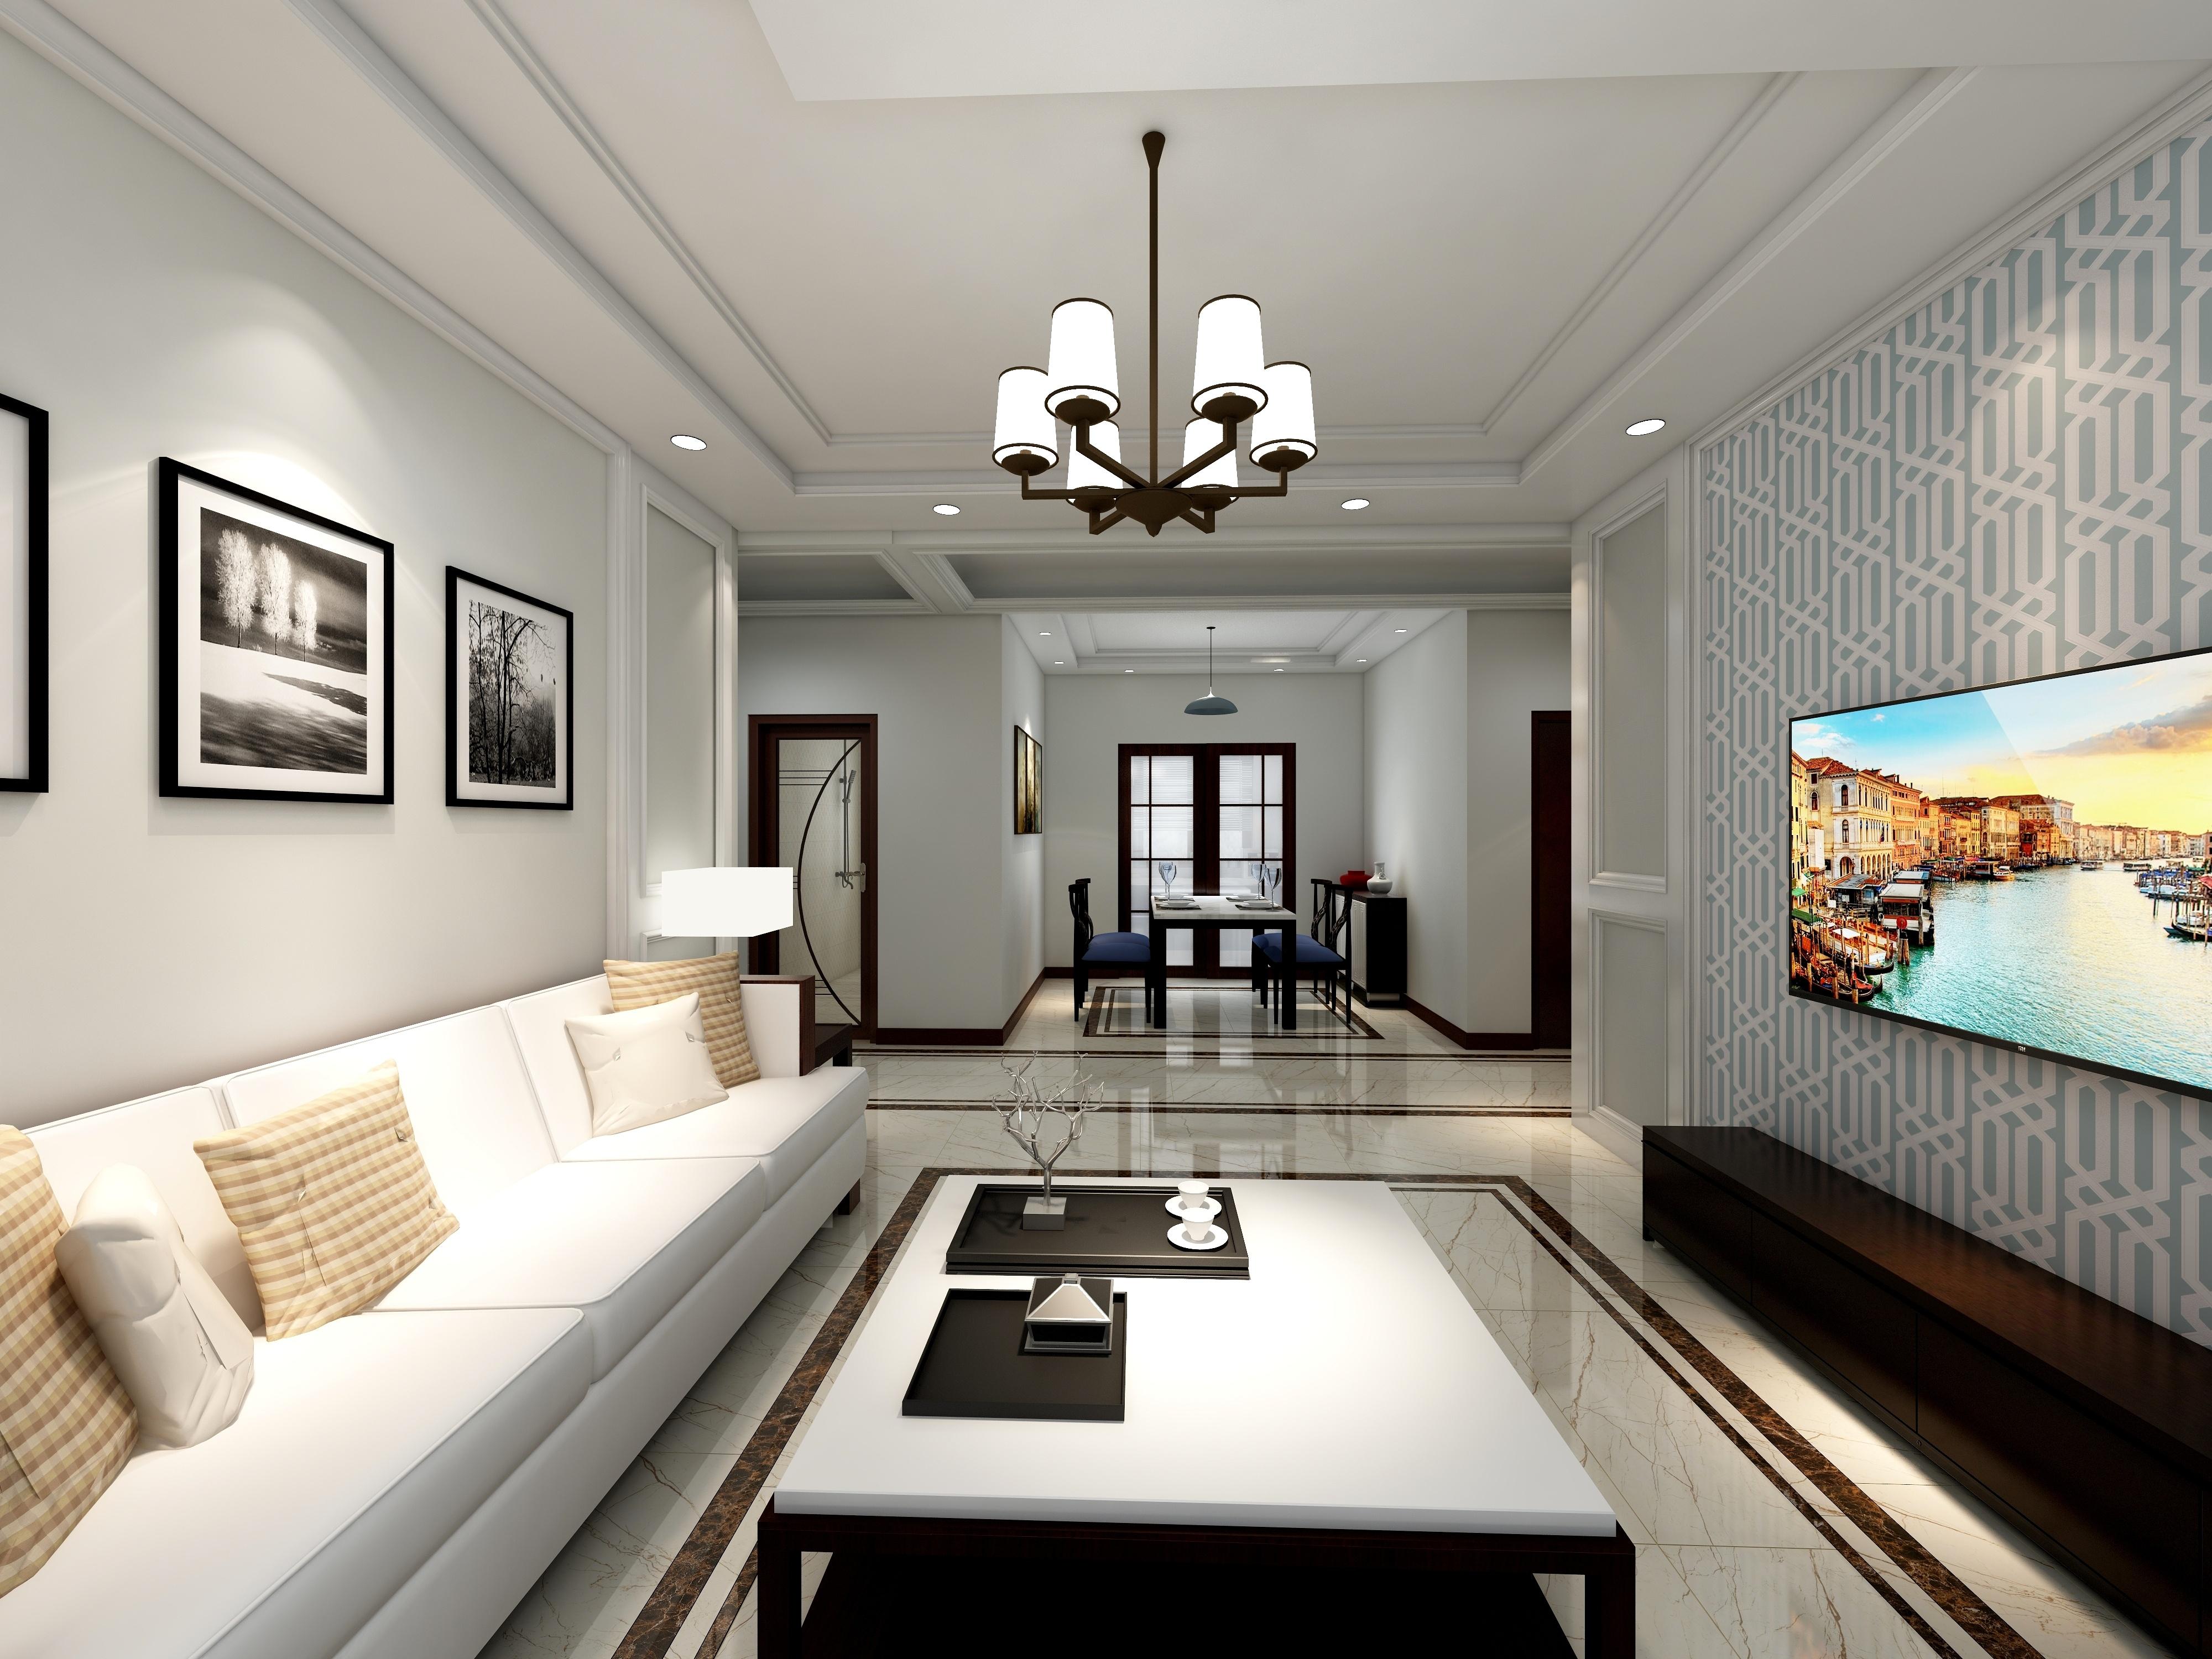 新中式美宅-设计师:宋巍巍